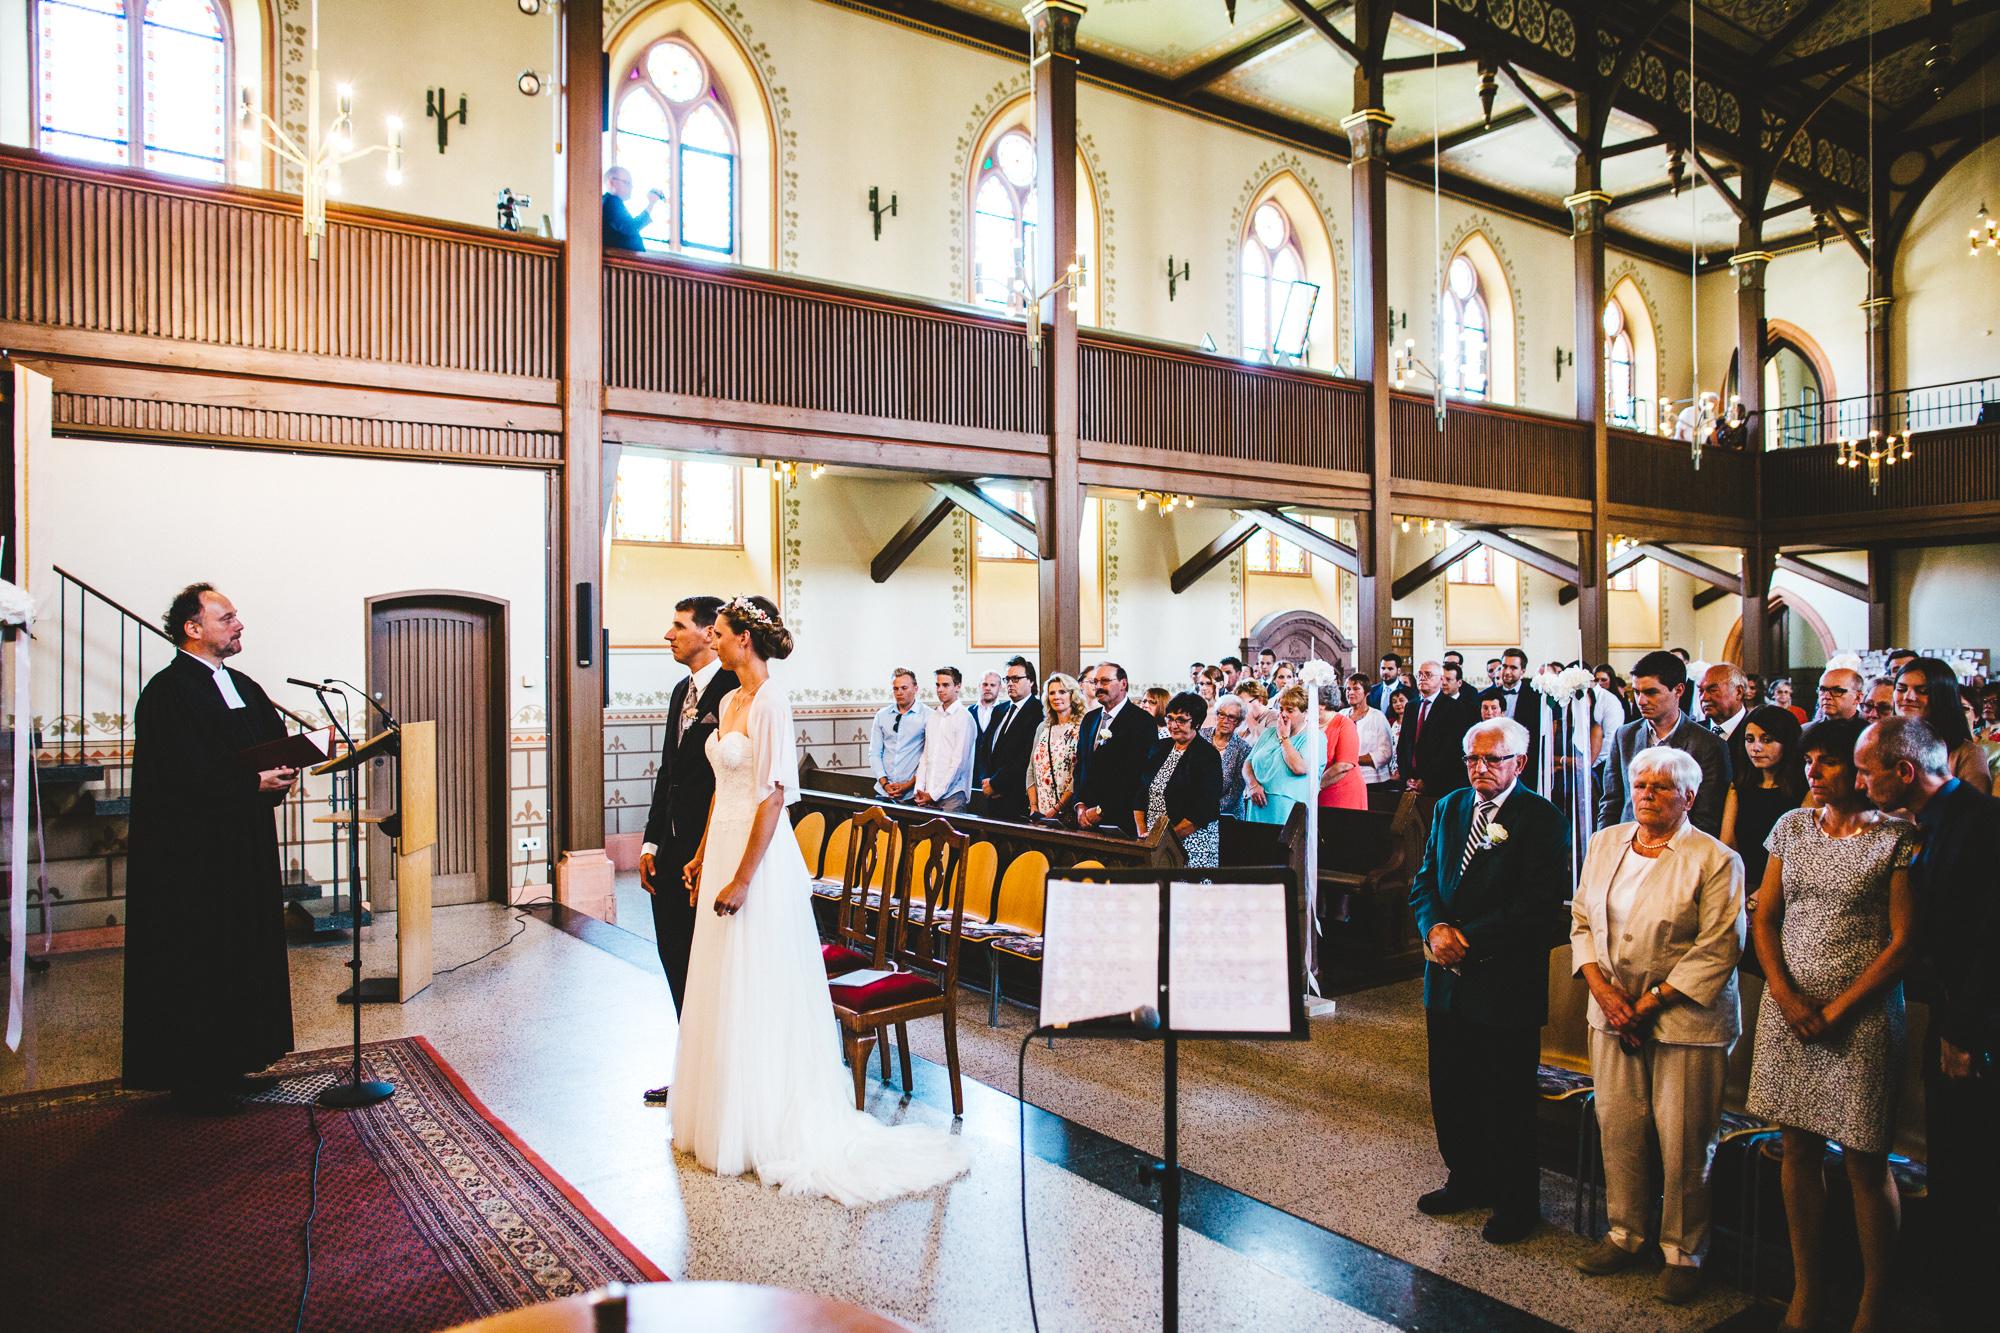 annethomas 052 - Hochzeit im wunderschönen Ladenburg in Eichenstolz